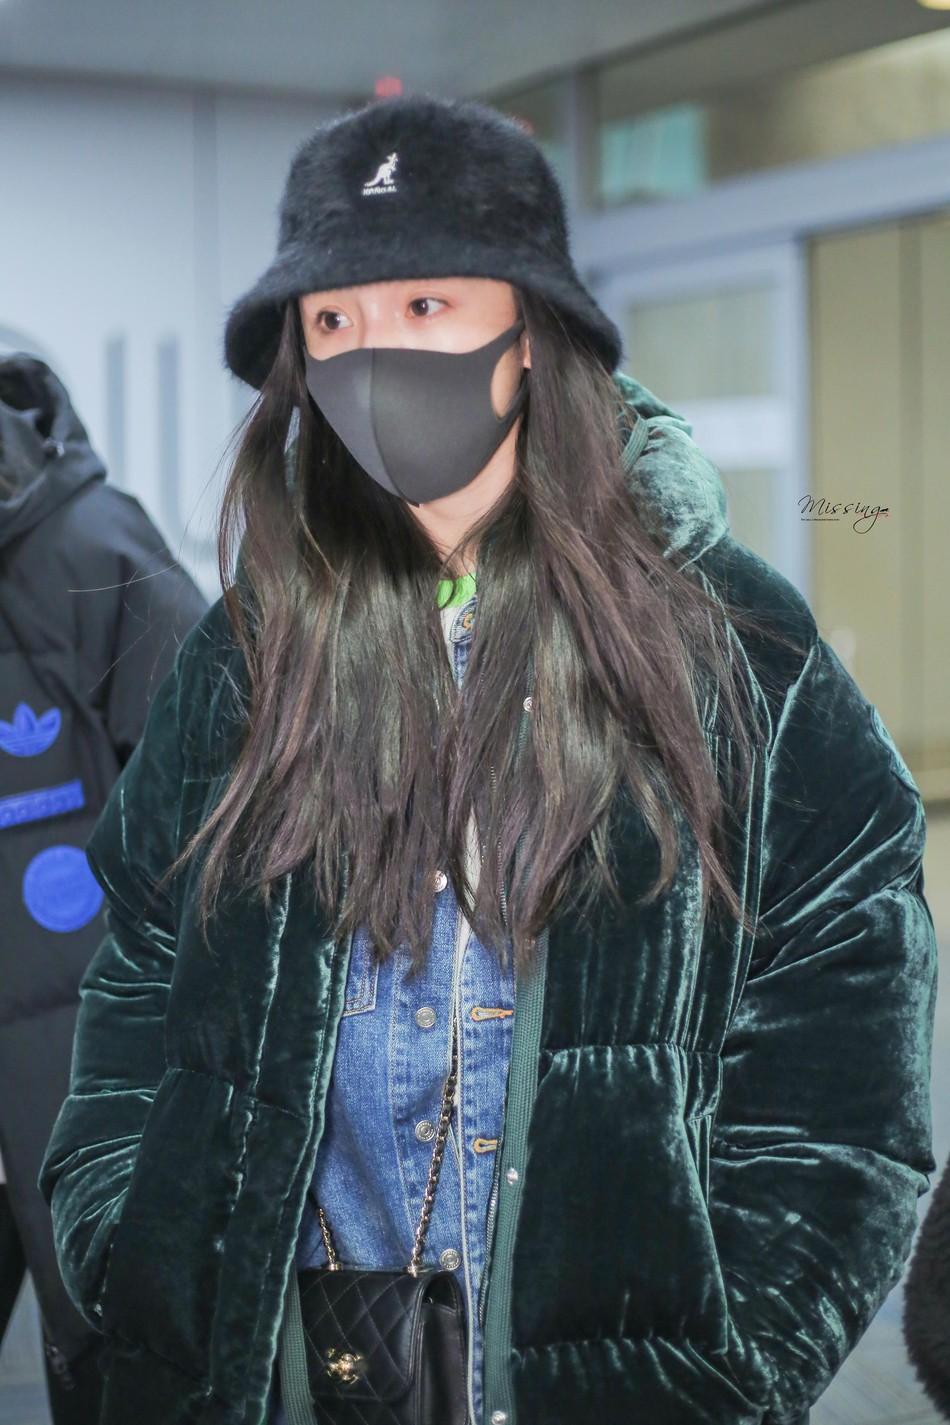 Sau kỳ nghỉ Tết không ở bên con gái, Dương Mịch lặng lẽ để mặt mộc lên đường sang New York dự tuần lễ thời trang - Ảnh 2.